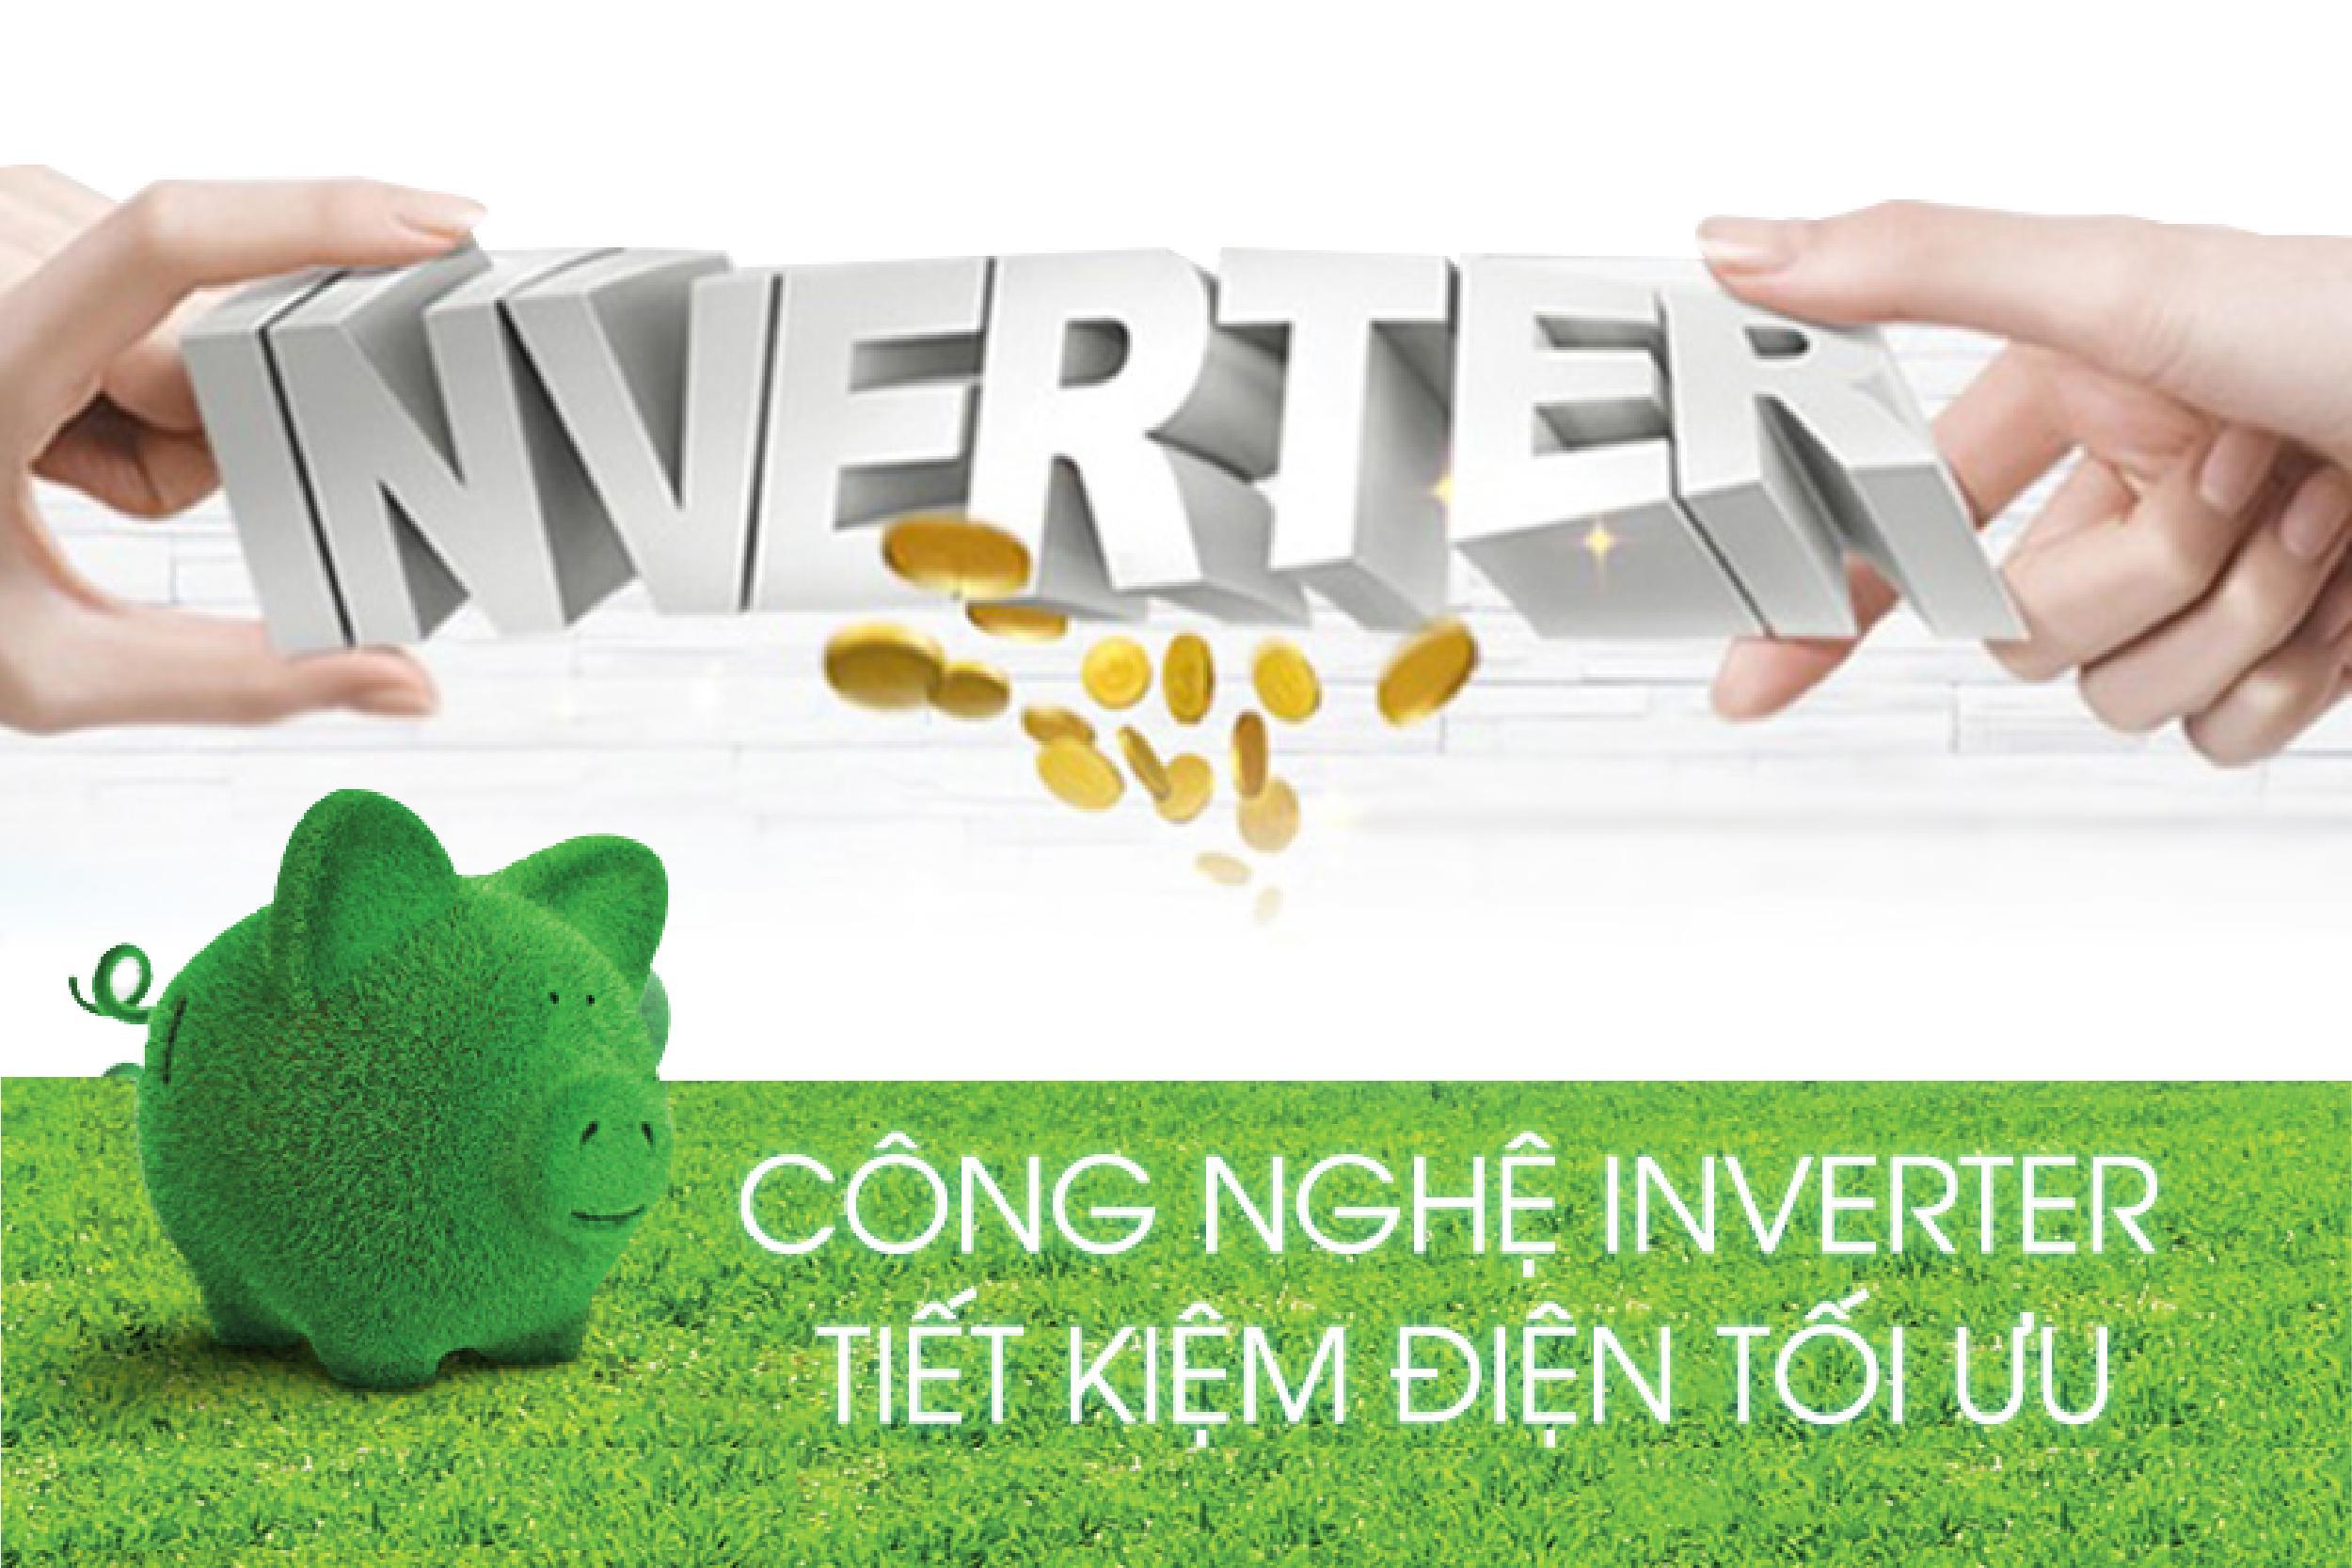 inverter là gì?